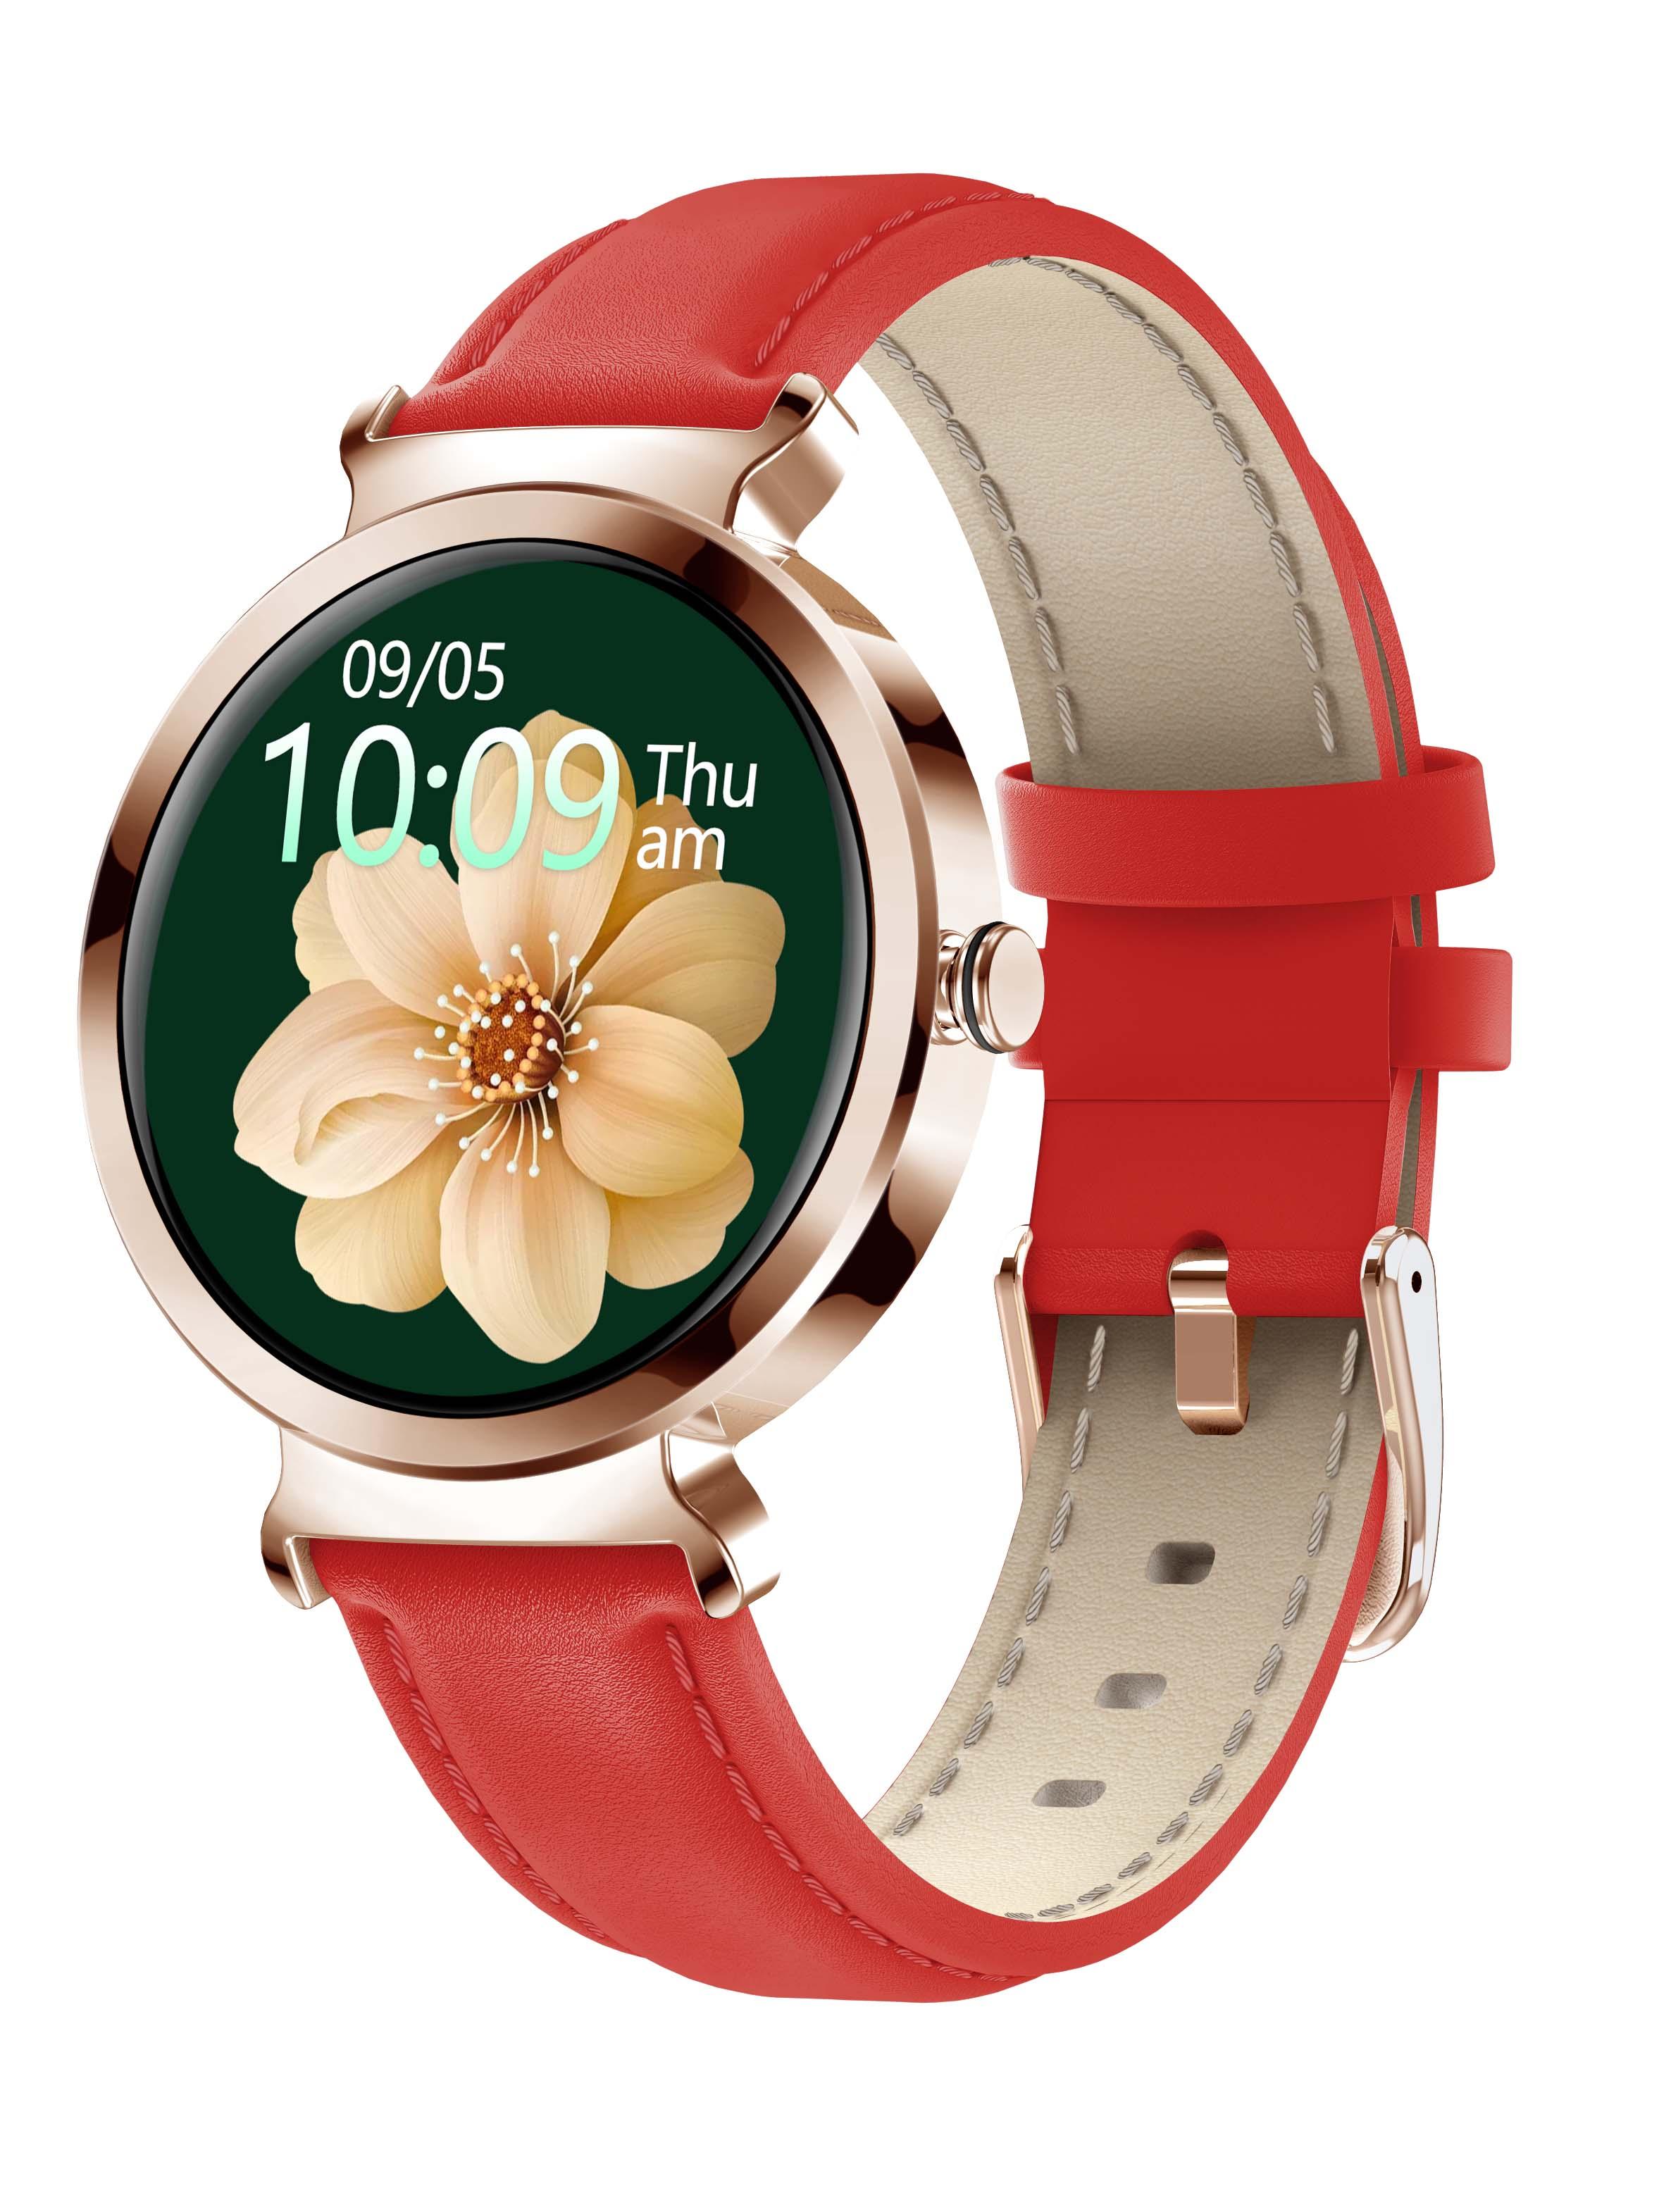 Sensível ao Toque Lembrete de Informações Esporte à Prova Tela Completa Feminino Relógio Inteligente Monitor Pressão Arterial Dwaterproof Água Smartver 2021 X21